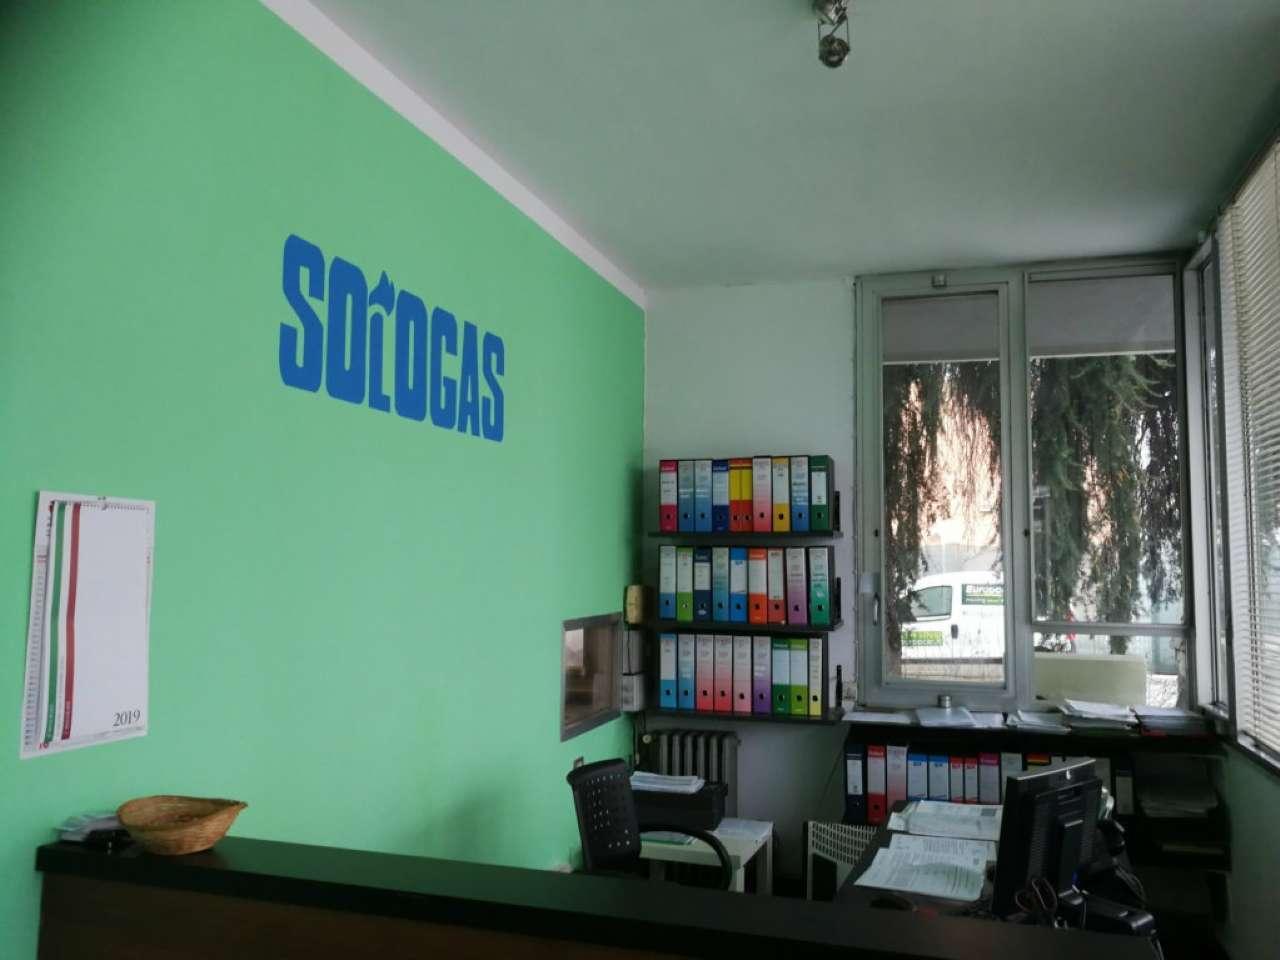 Ufficio in affitto strada palera 97 Moncalieri